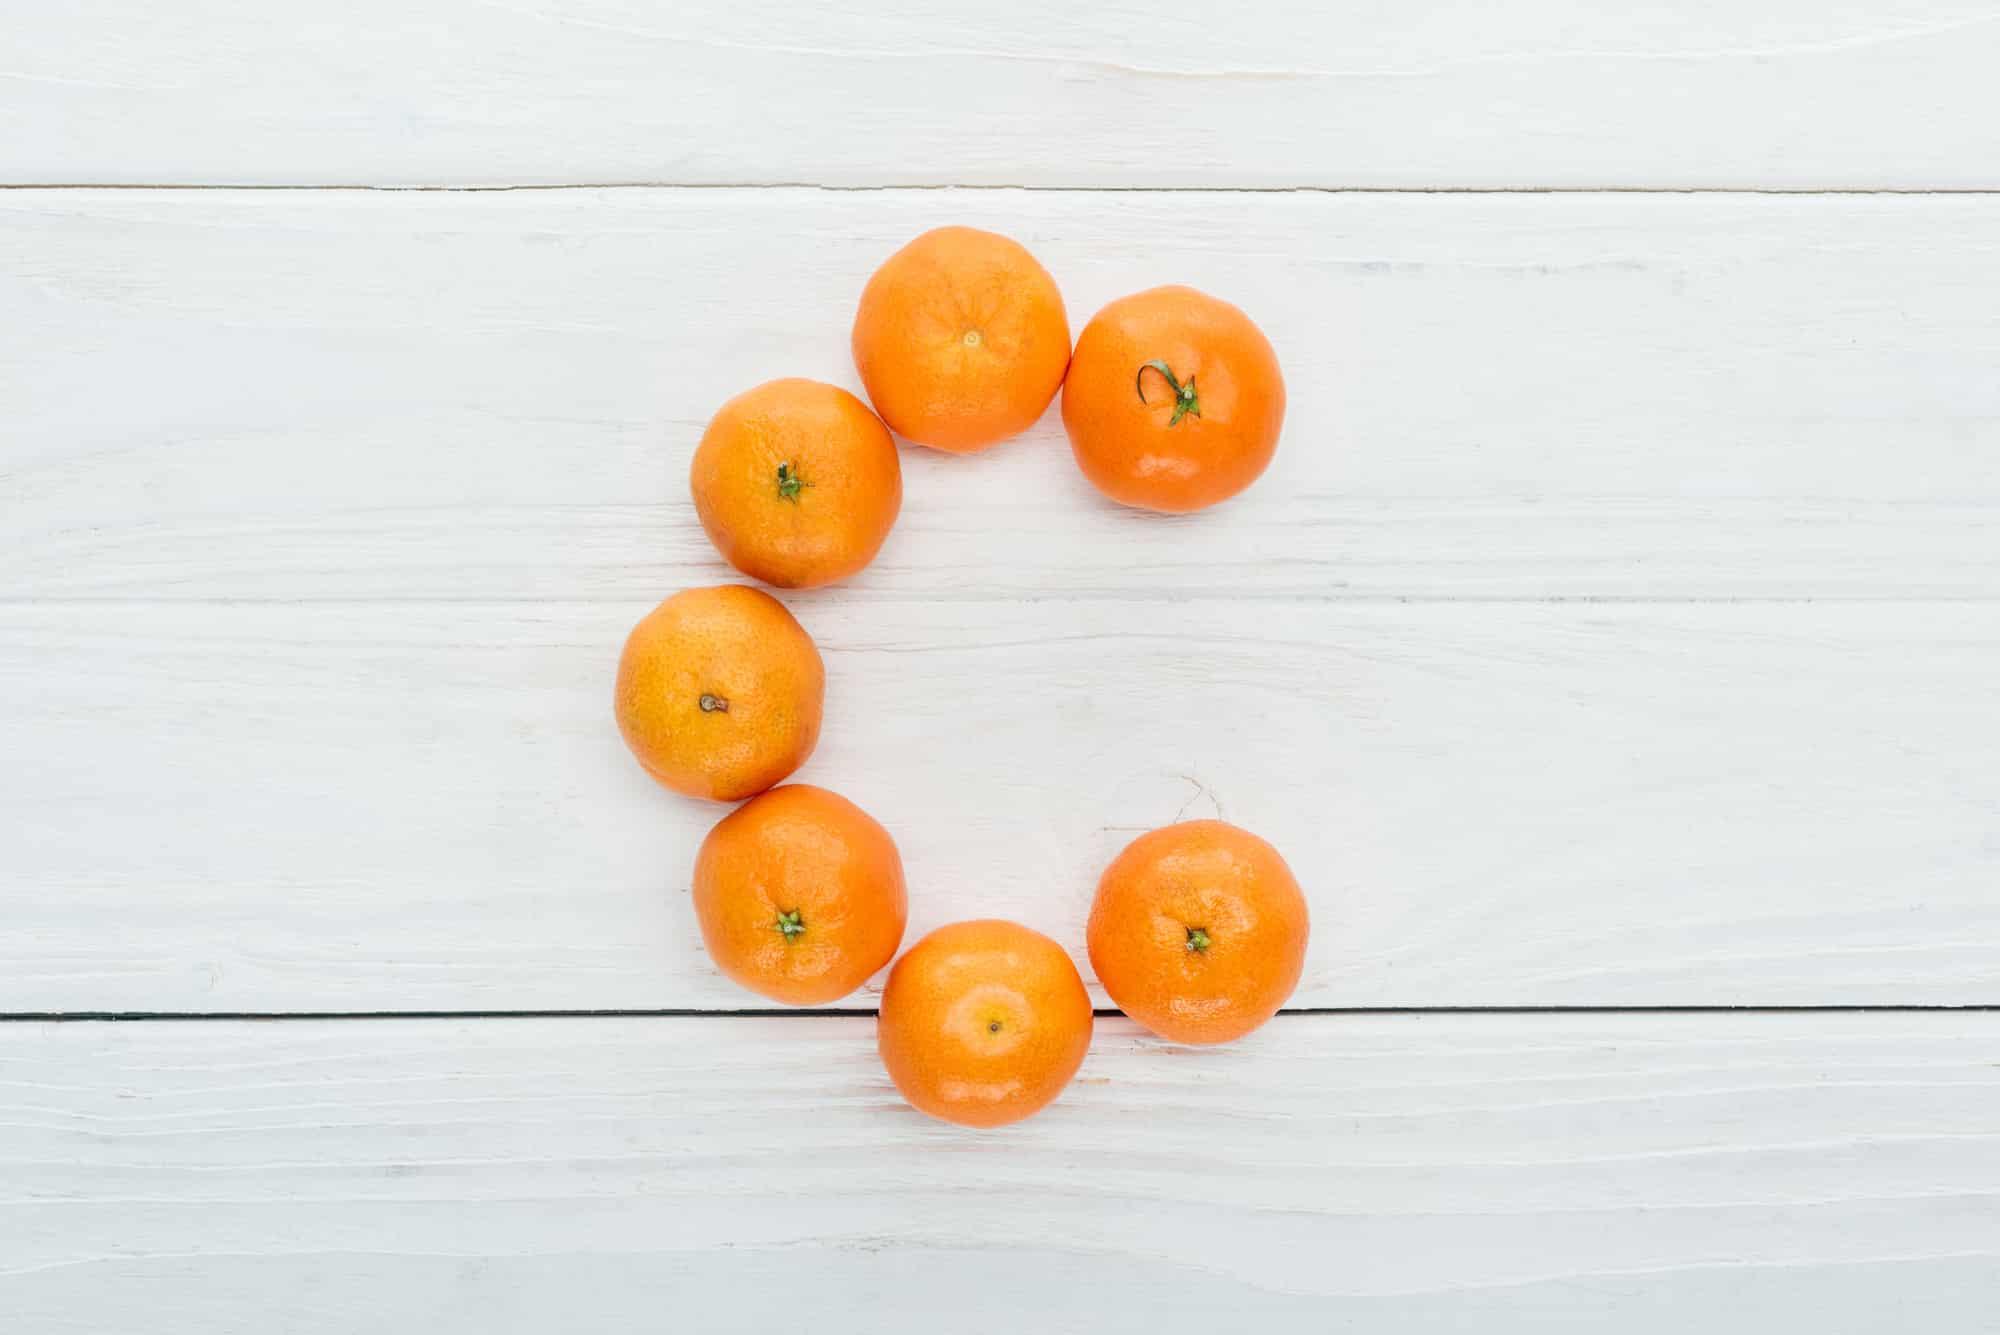 Rückenschmerzen und Vitamin-C-Mangel: Gibt es einen Zusammenhang?